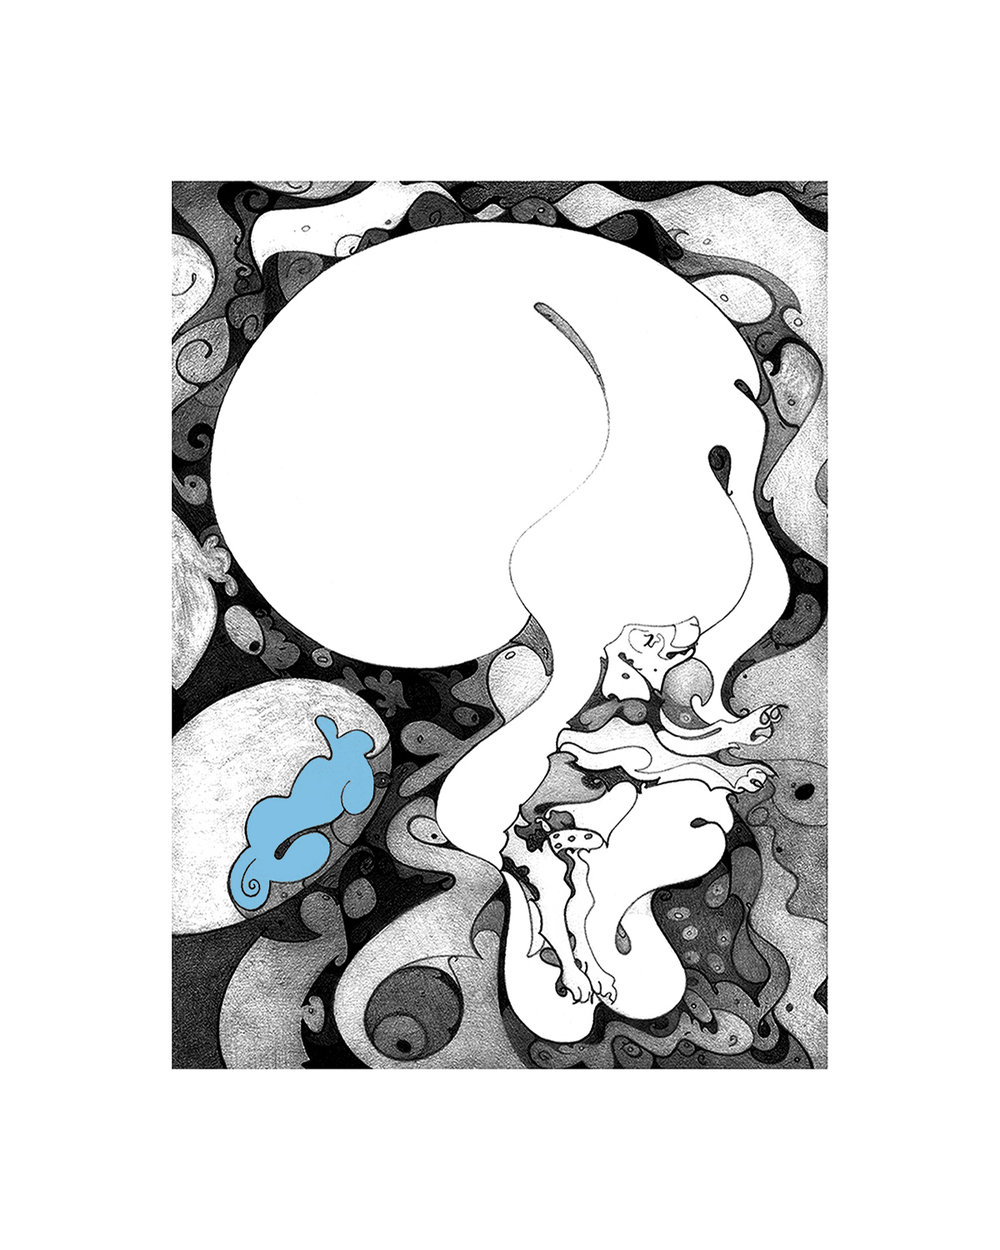 Cloud Nine, digital archival, printed at Zimmerman Fine Art Studio,artwork & copyright by Kathleen Zimmerman